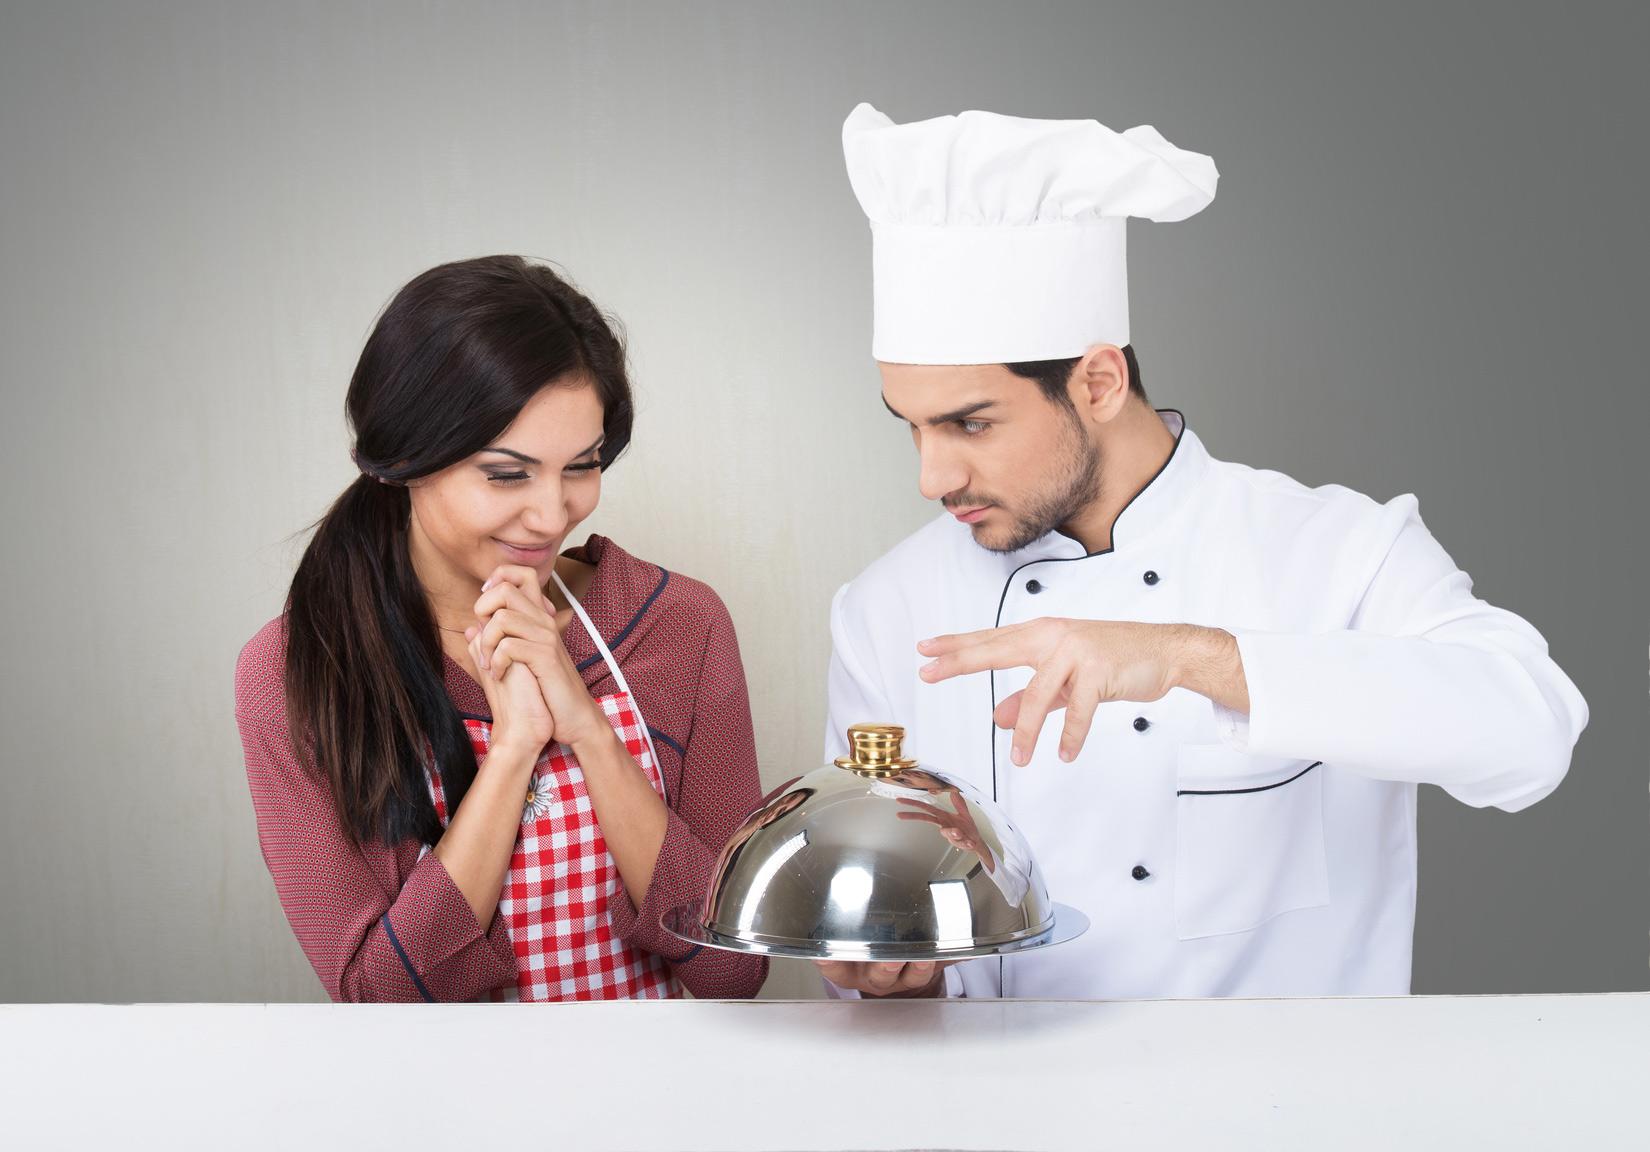 cours de cuisine - activités pour couple, séjour glamour, gîte de